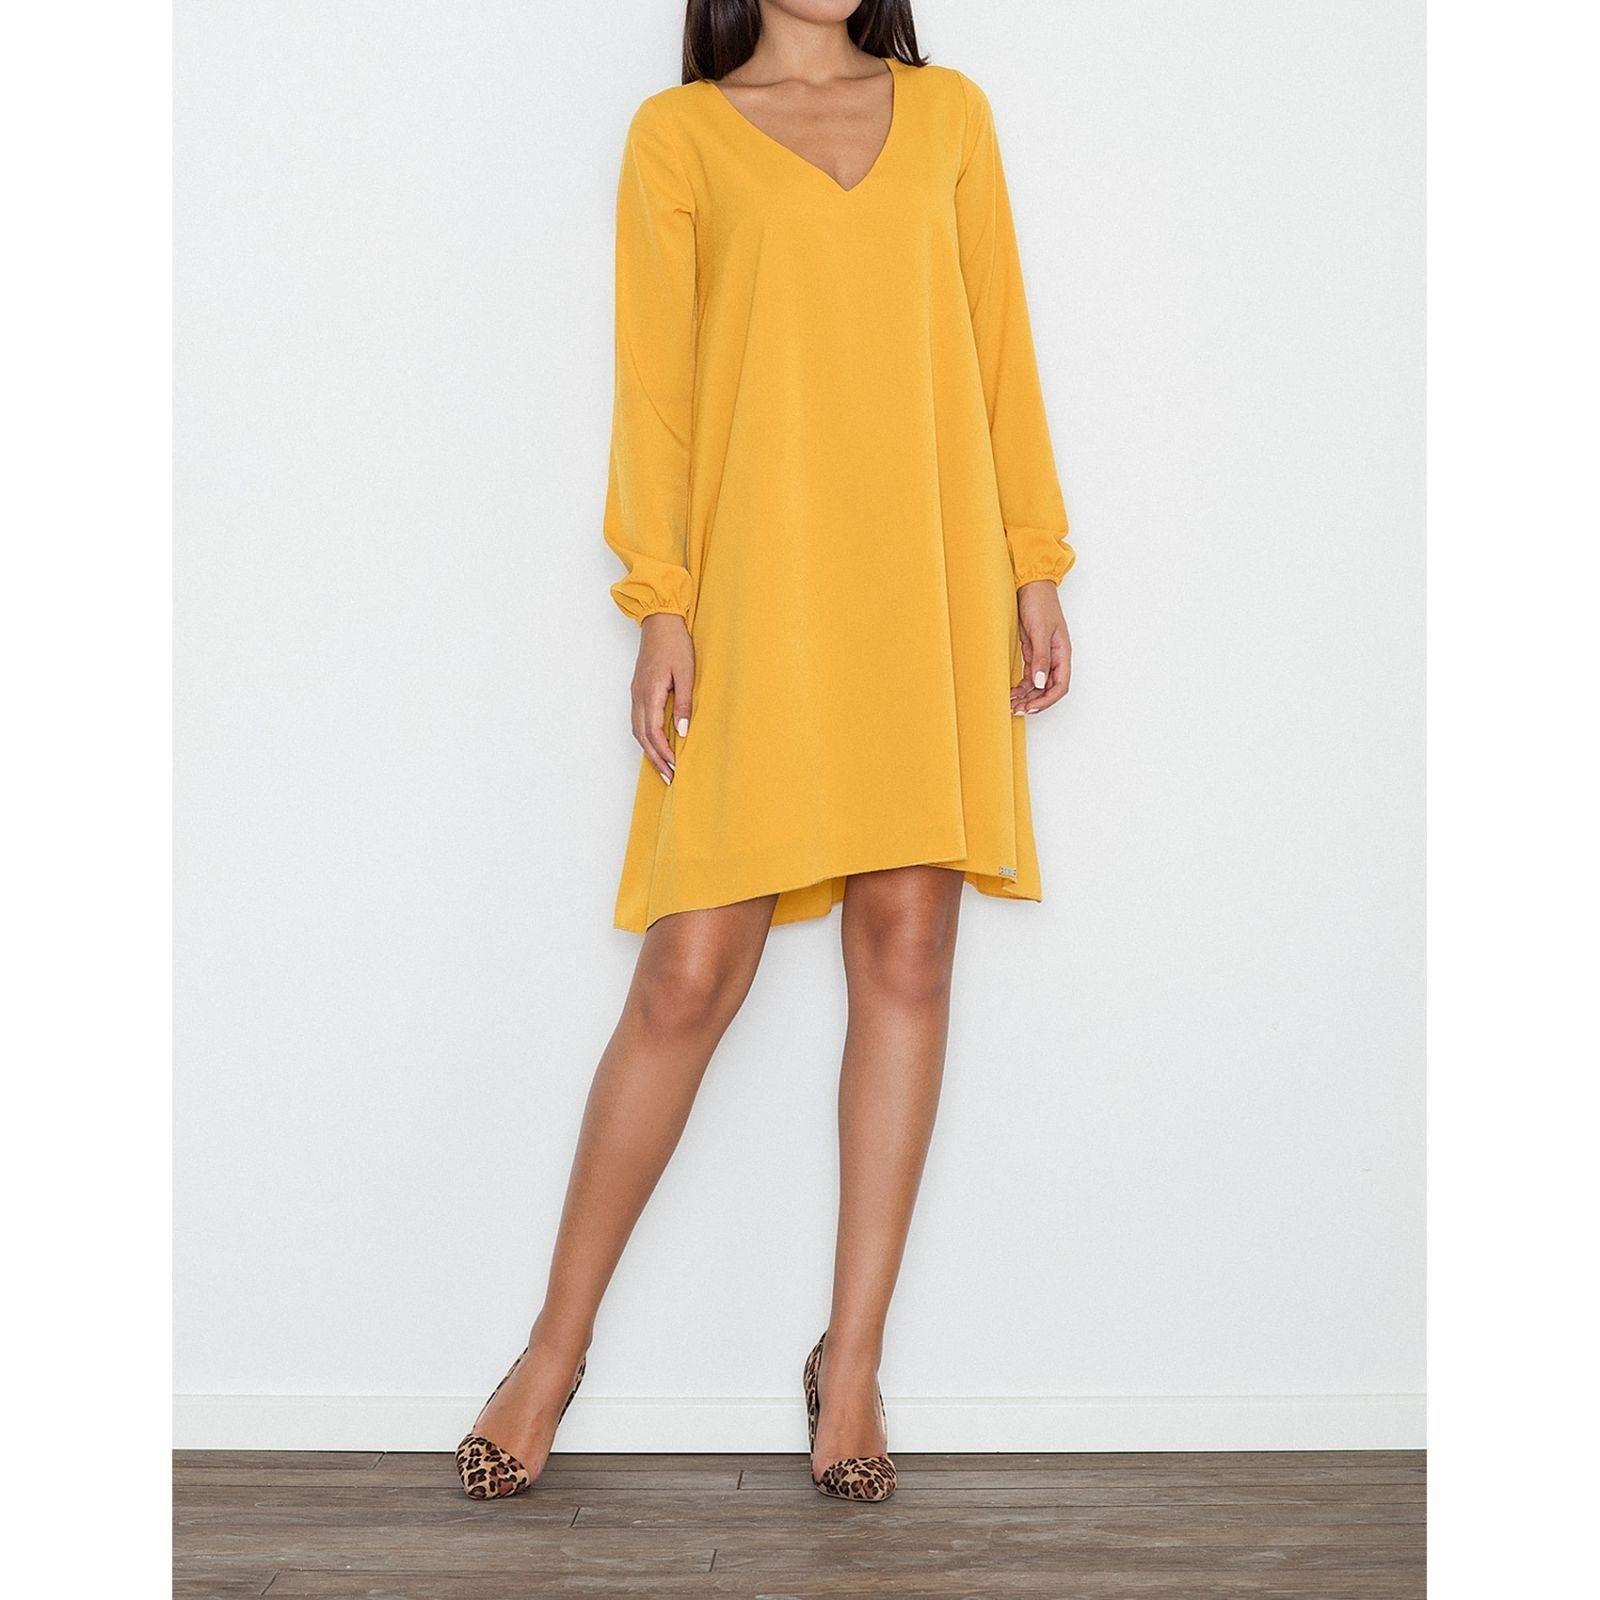 17 Einzigartig Kleid Gelb Galerie15 Top Kleid Gelb für 2019